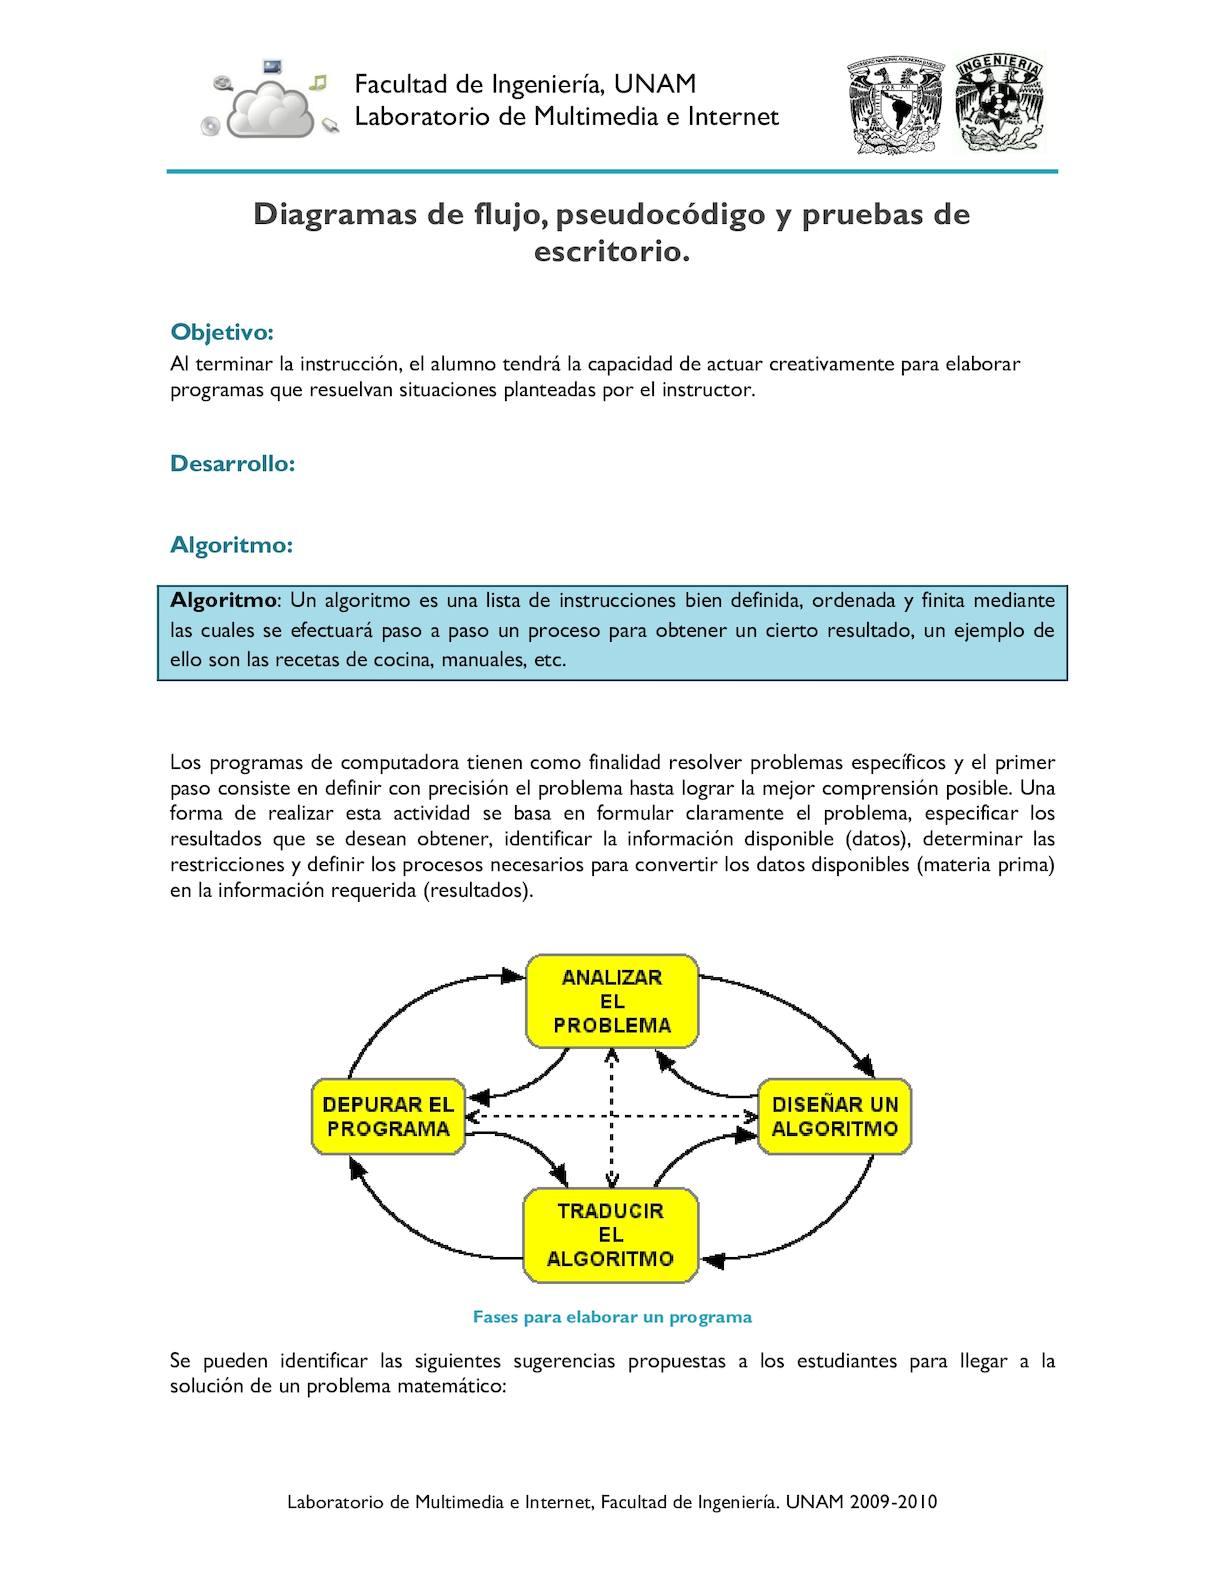 Calamo diagramas de flujo pseudocdigo y pruebas de escritorio ccuart Gallery